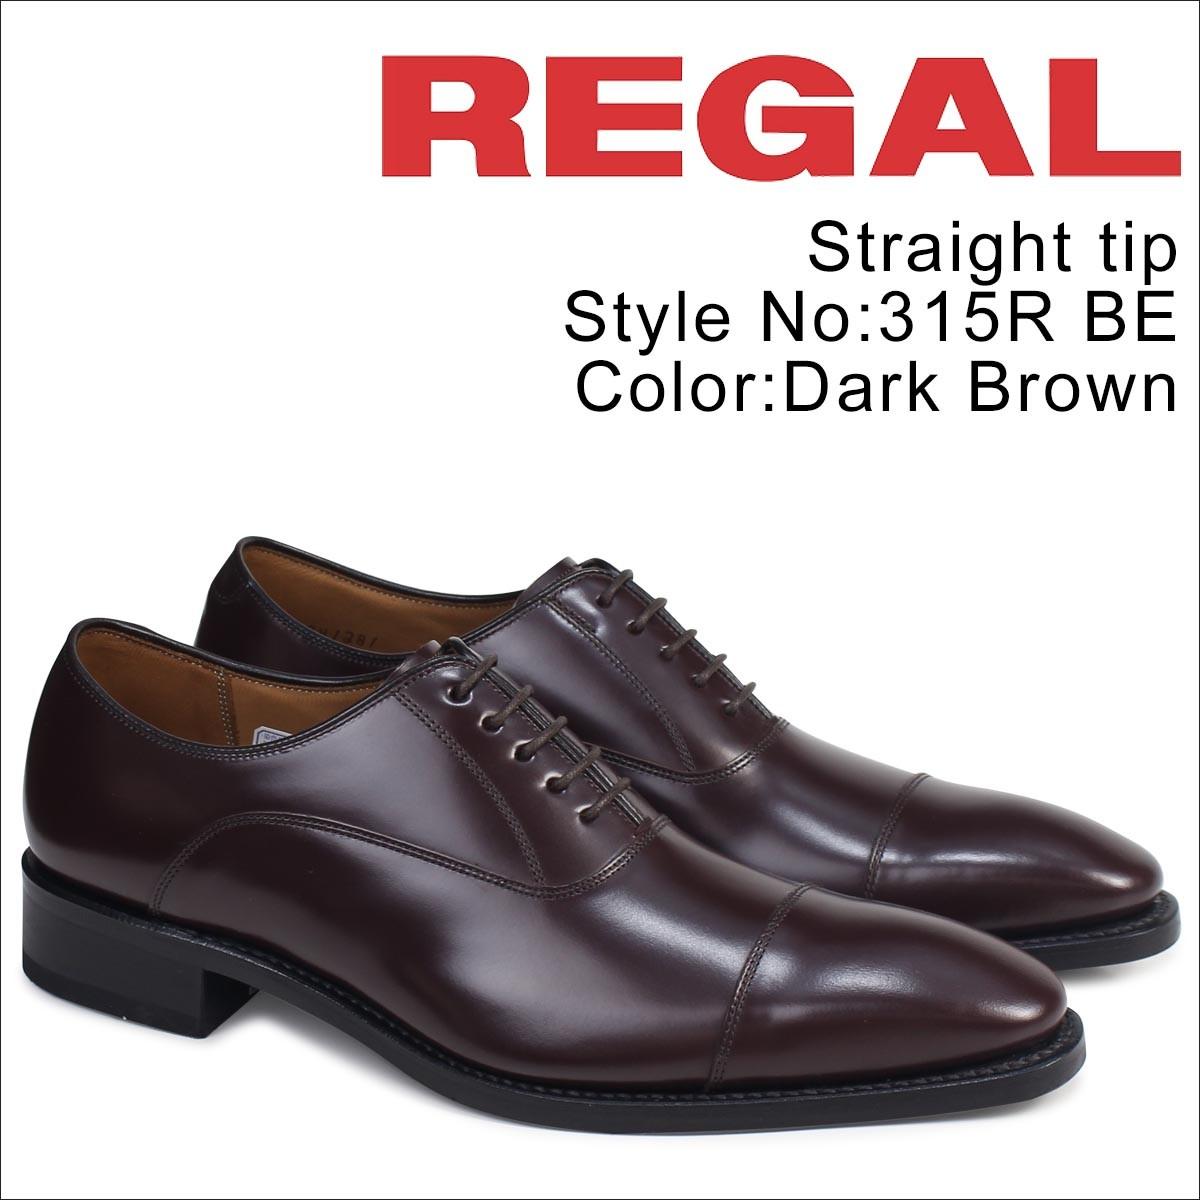 リーガル 靴 メンズ REGAL ストレートチップ 315RBE ビジネスシューズ 日本製 ダークブラウン [1/13 追加入荷]